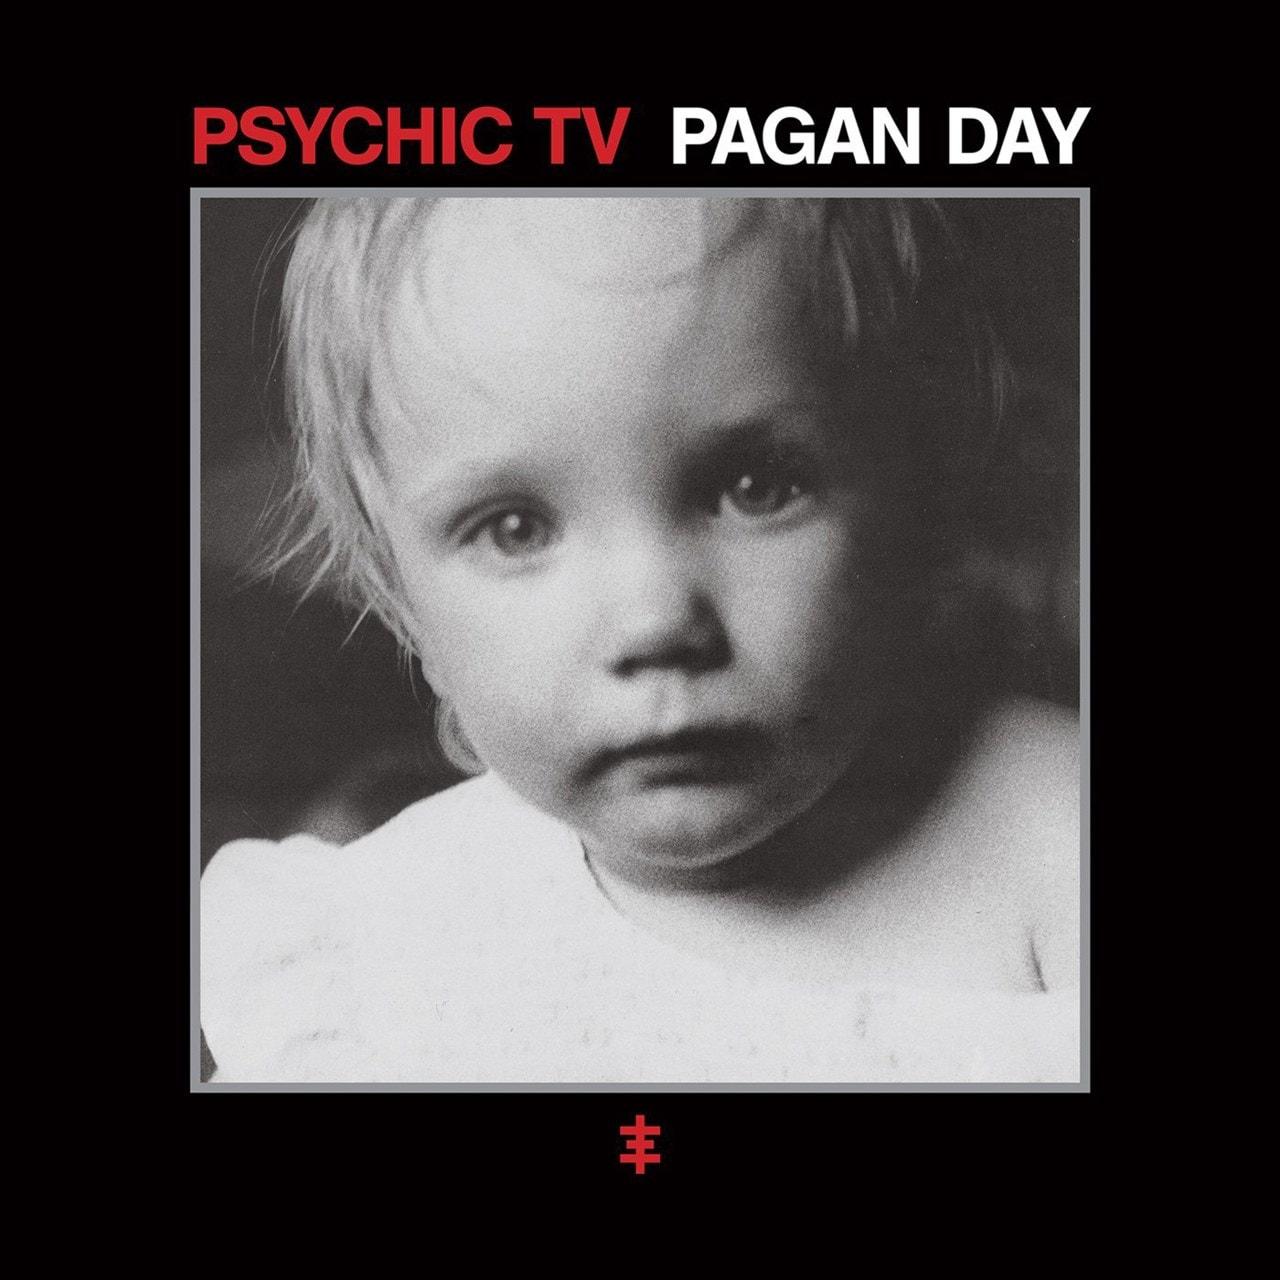 Pagan Day - 1